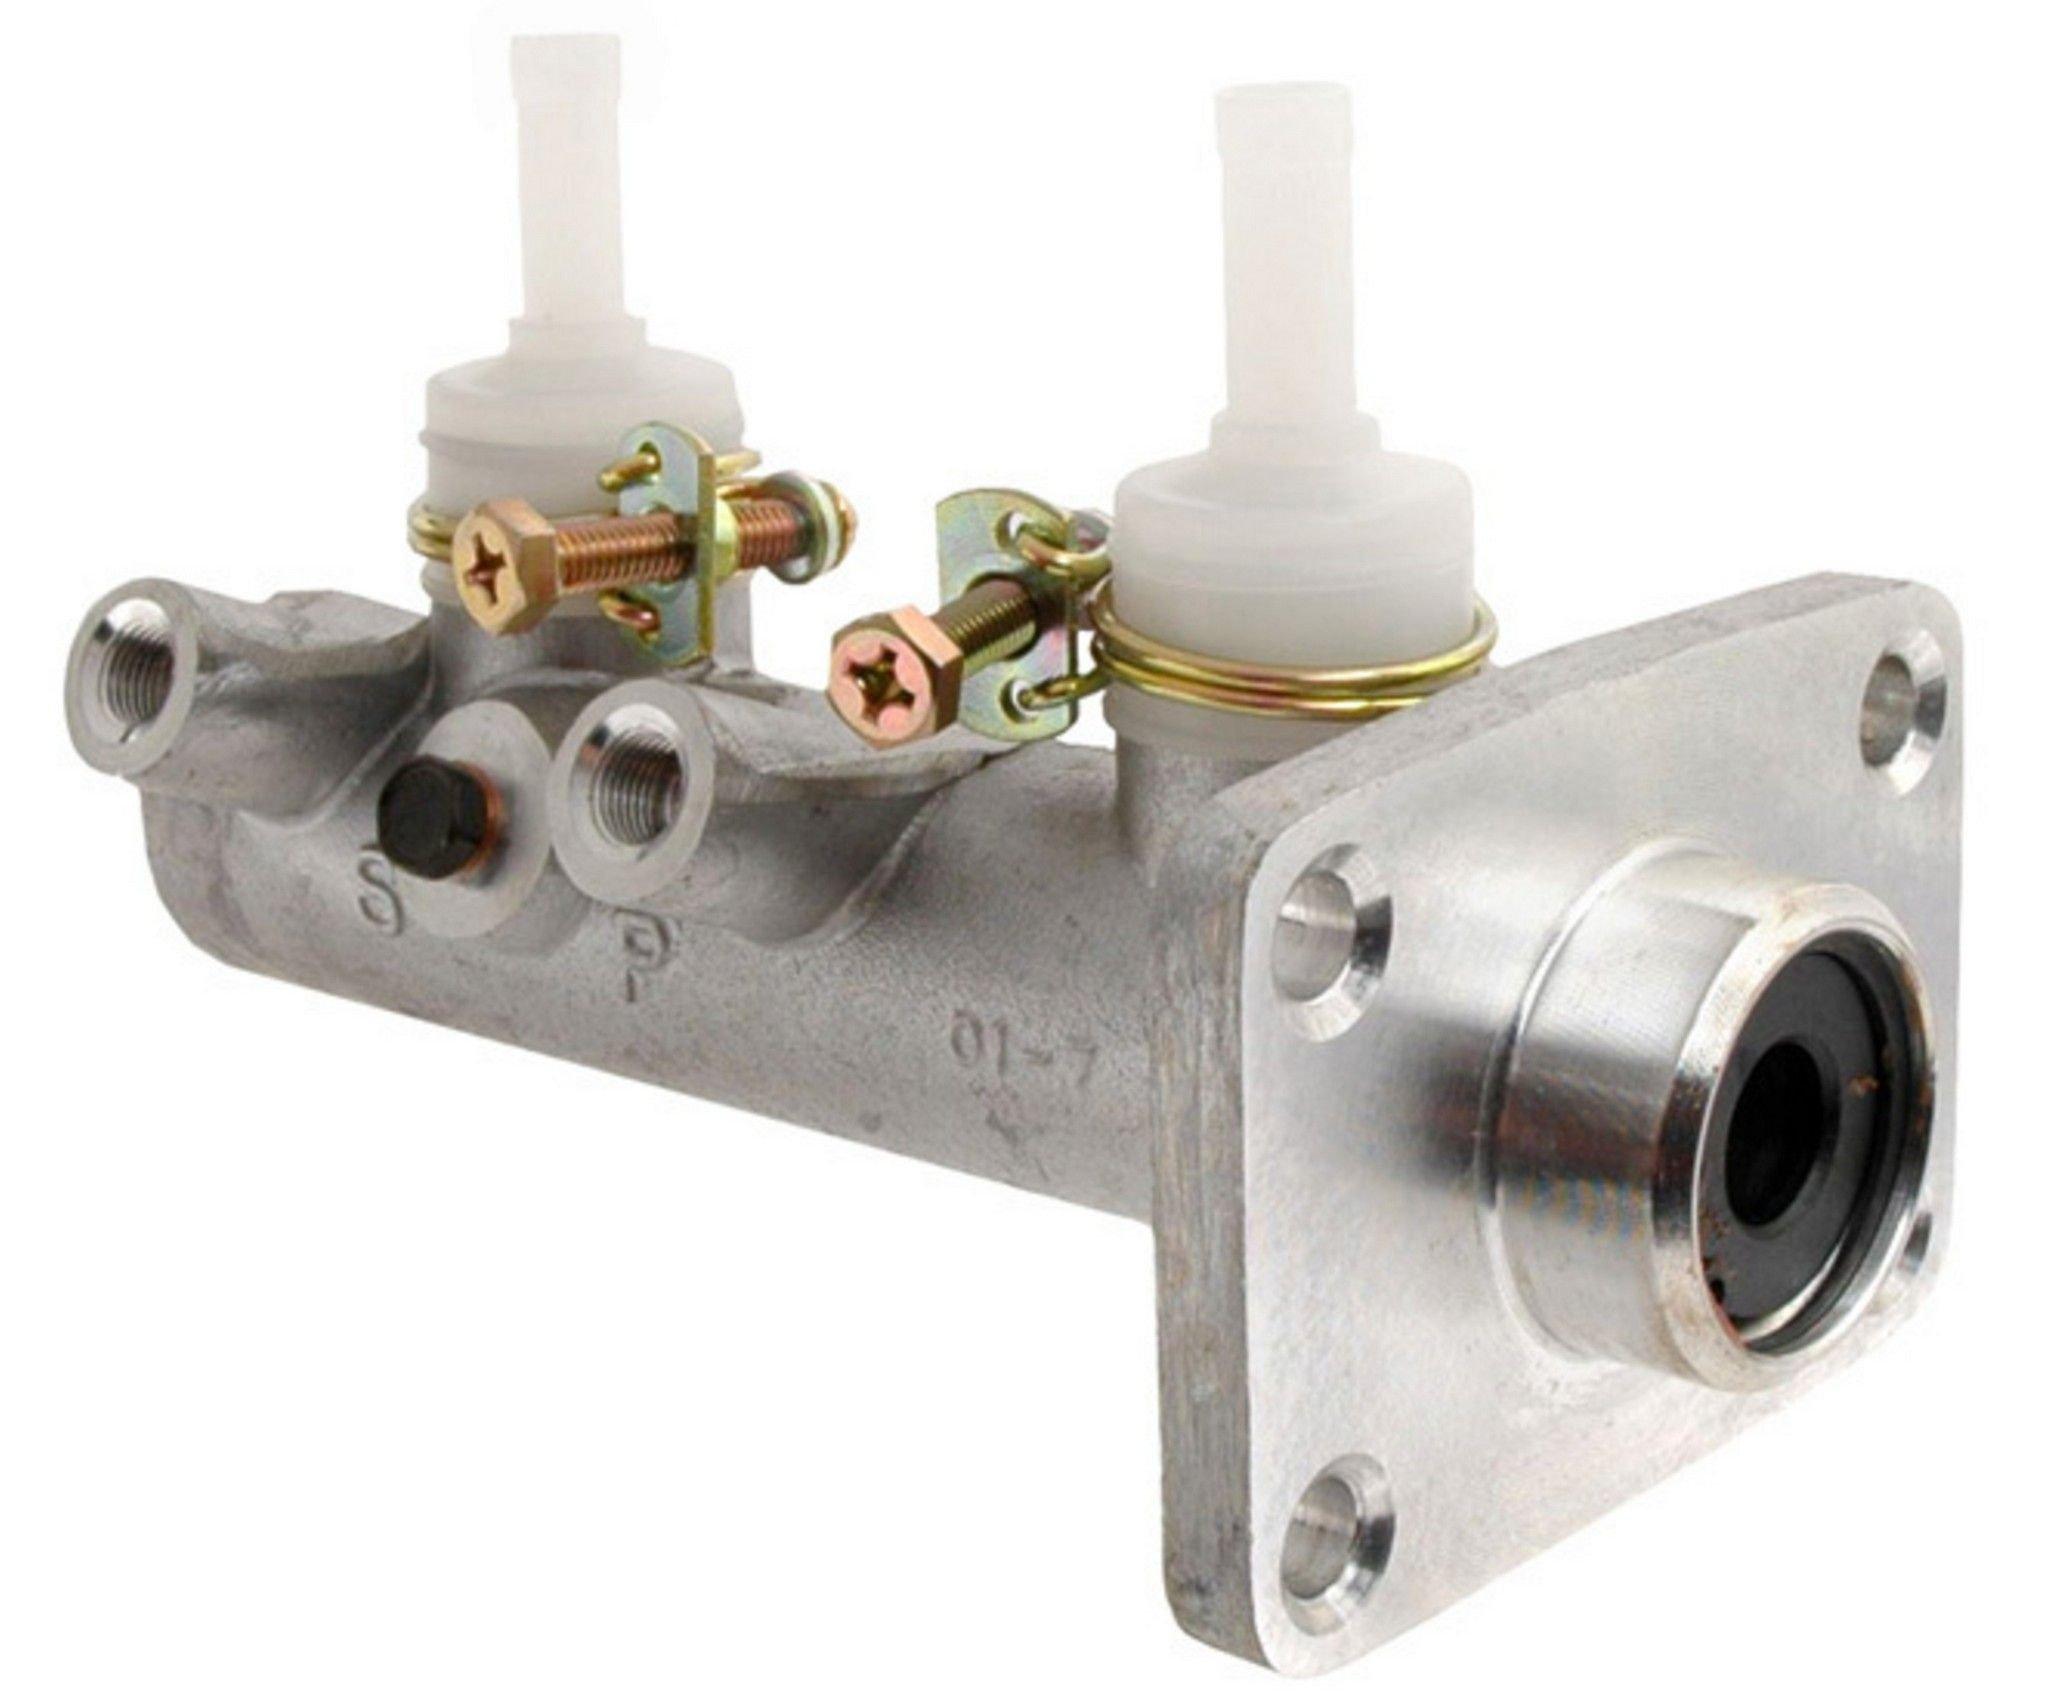 Isuzu NPR Brake Master Cylinder Replacement (Cardone